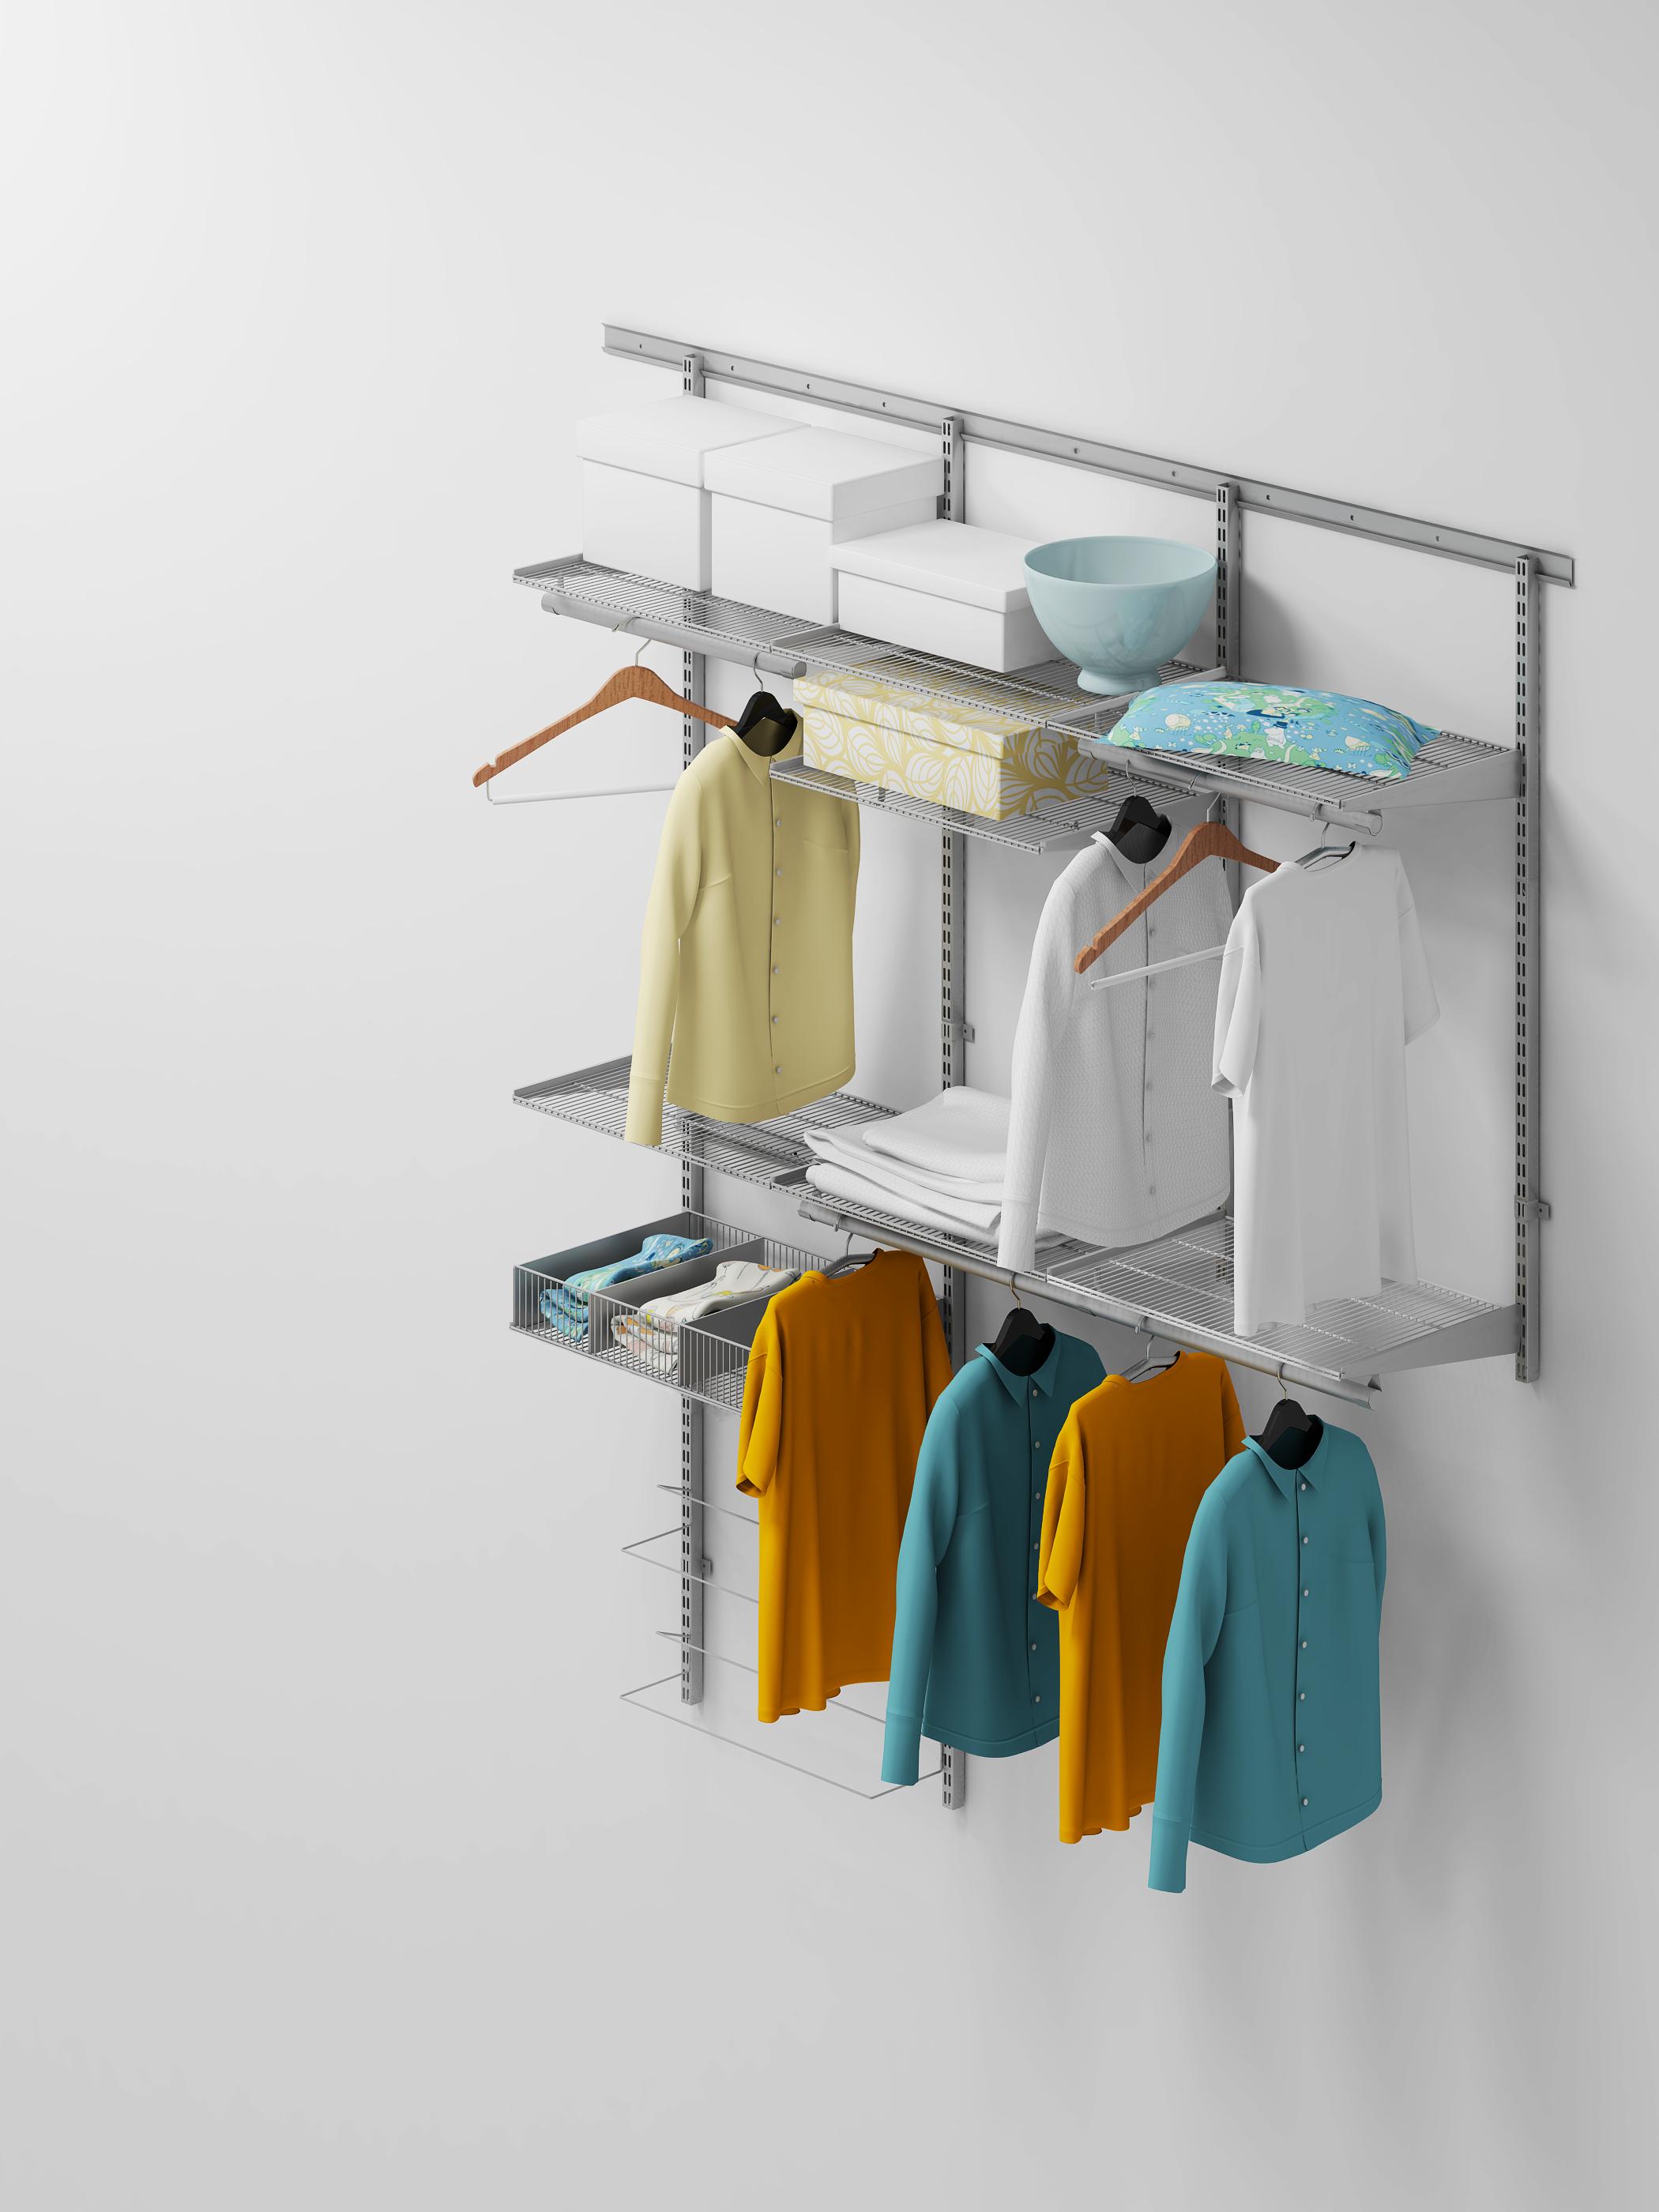 Комплект гардеробной системы 1 везу мебель.